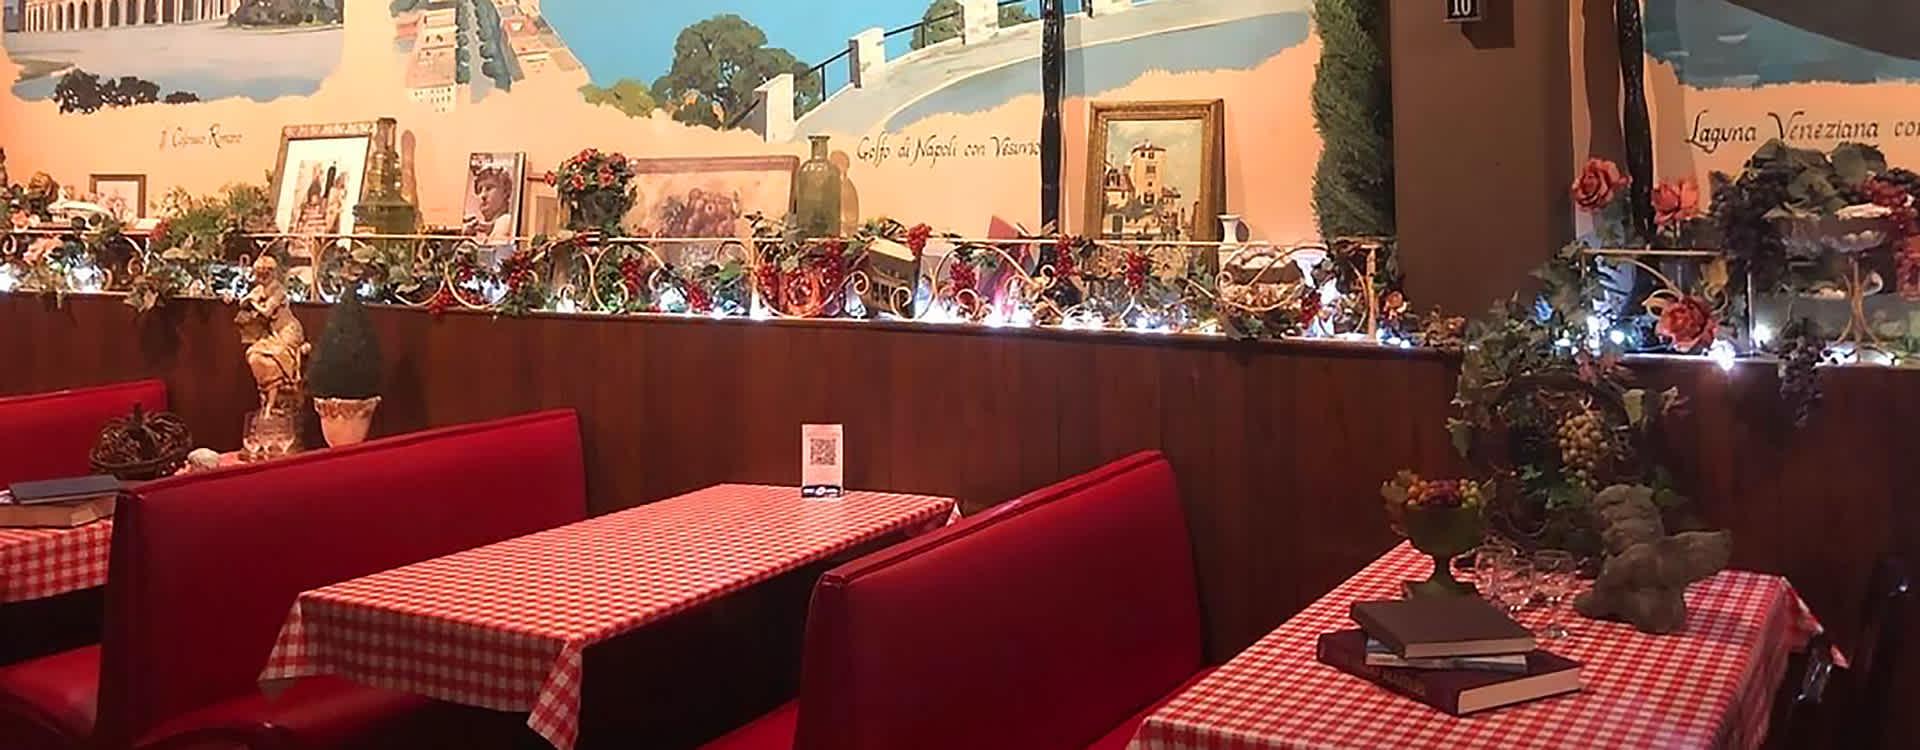 Vince's Italian Restaurant in Burien